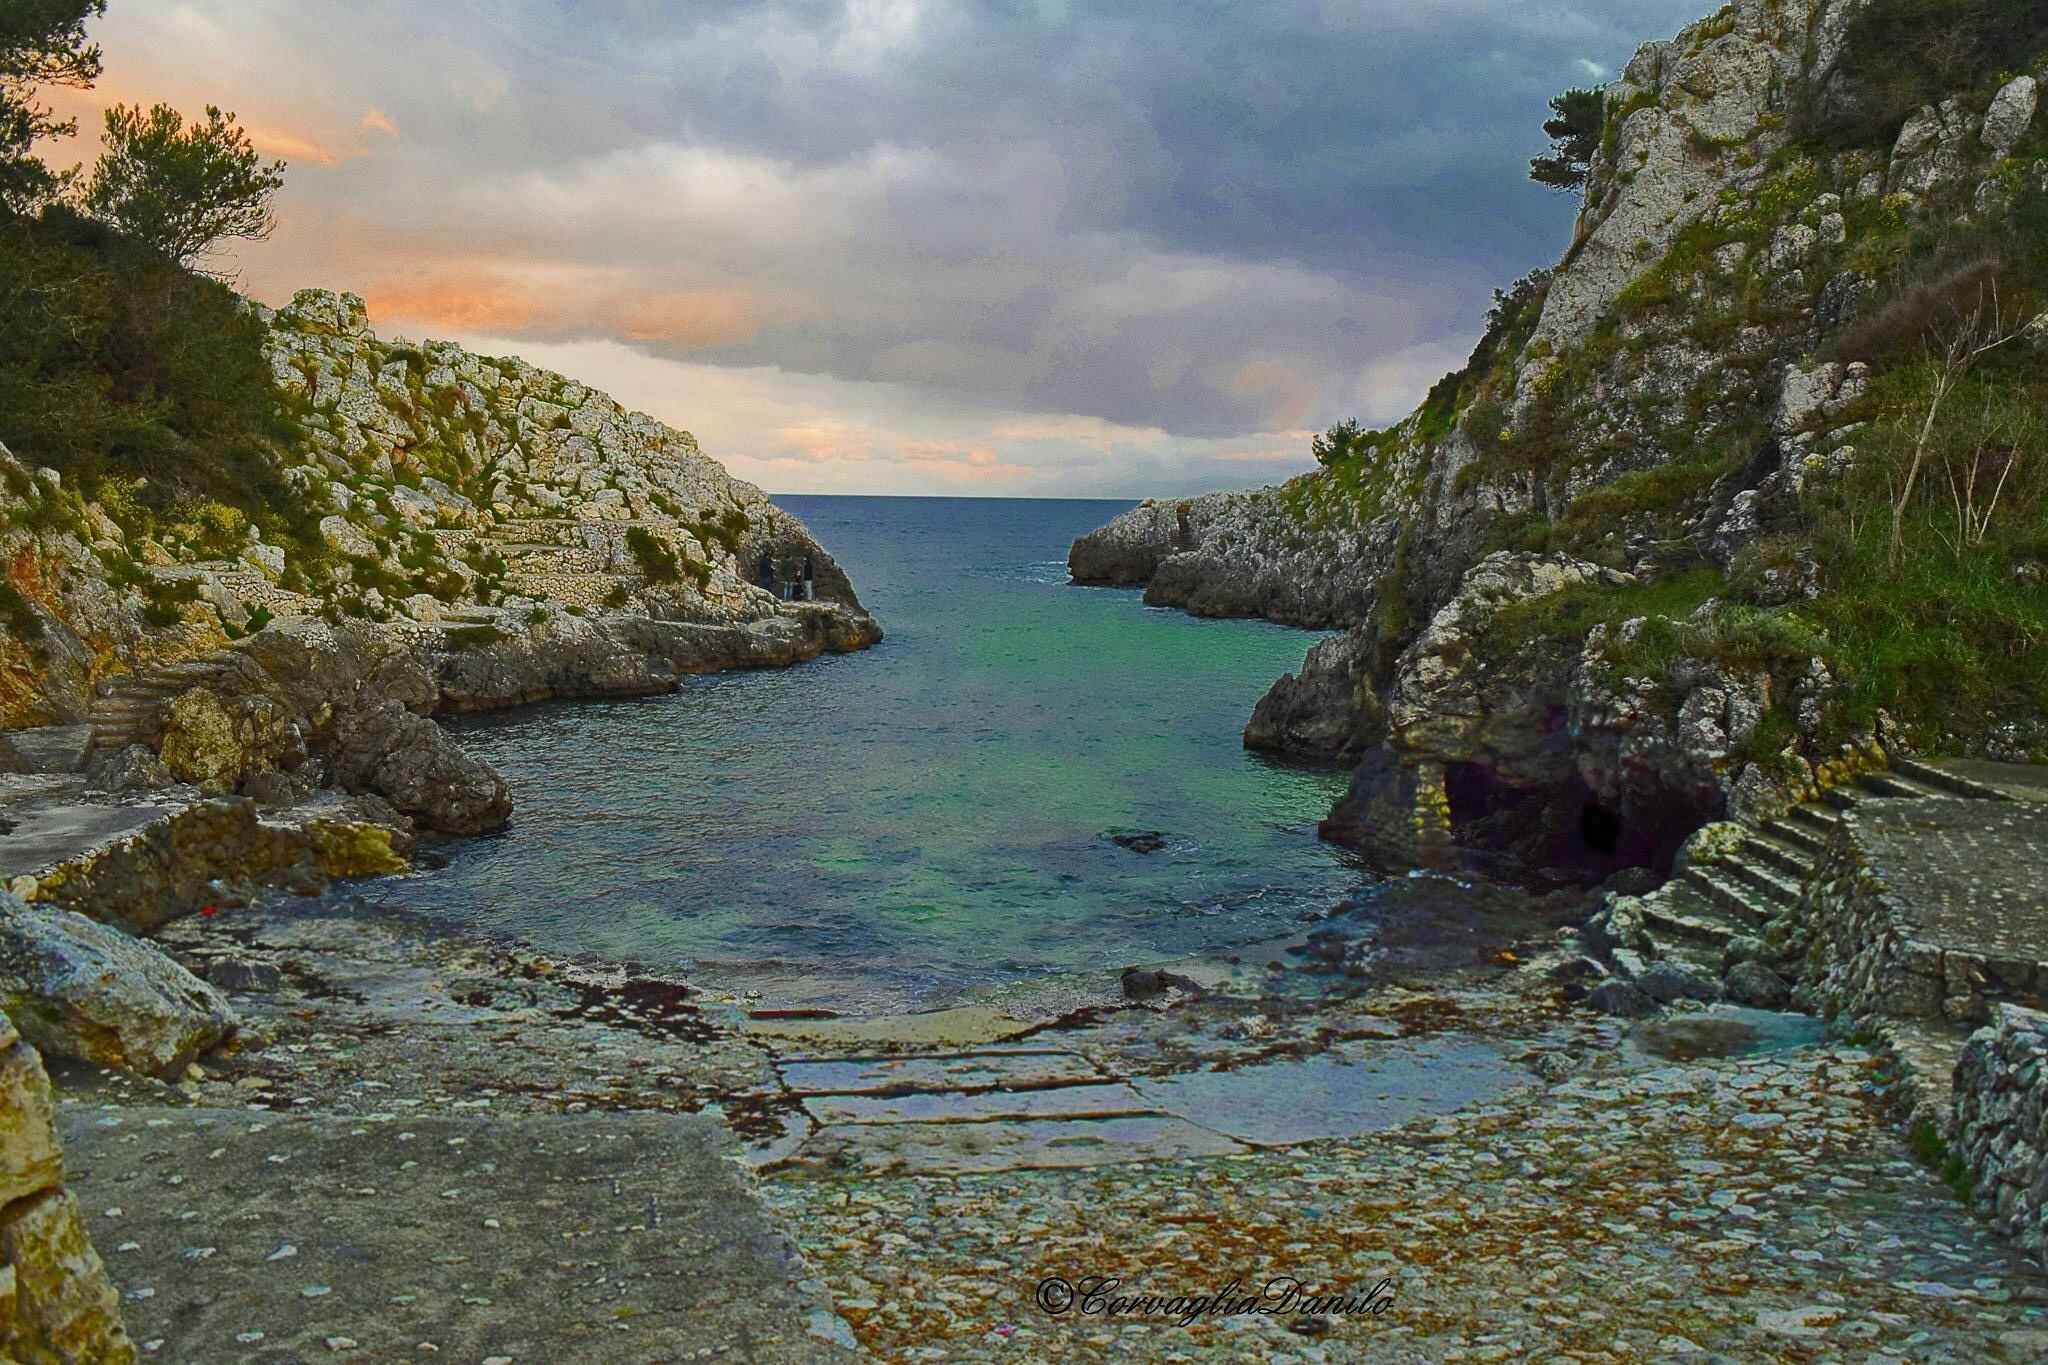 Paradiso by Danilo Corvaglia